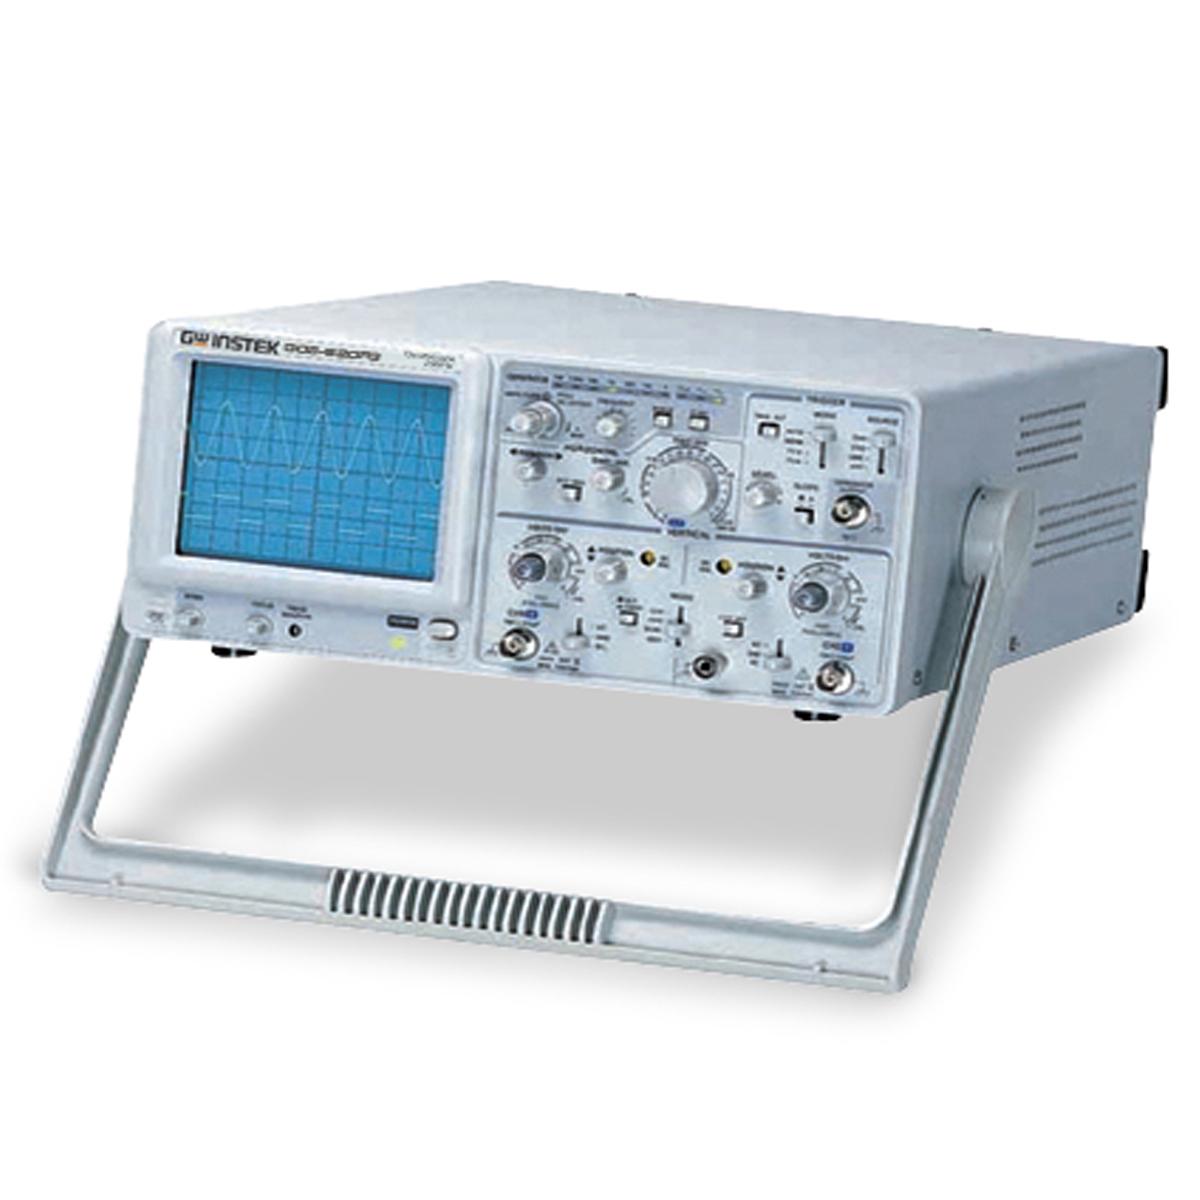 GW-INSTEK GOS-630FC อนาล็อกออสซิลโลสโคป + เครื่องกำเนิดสัญญาณ